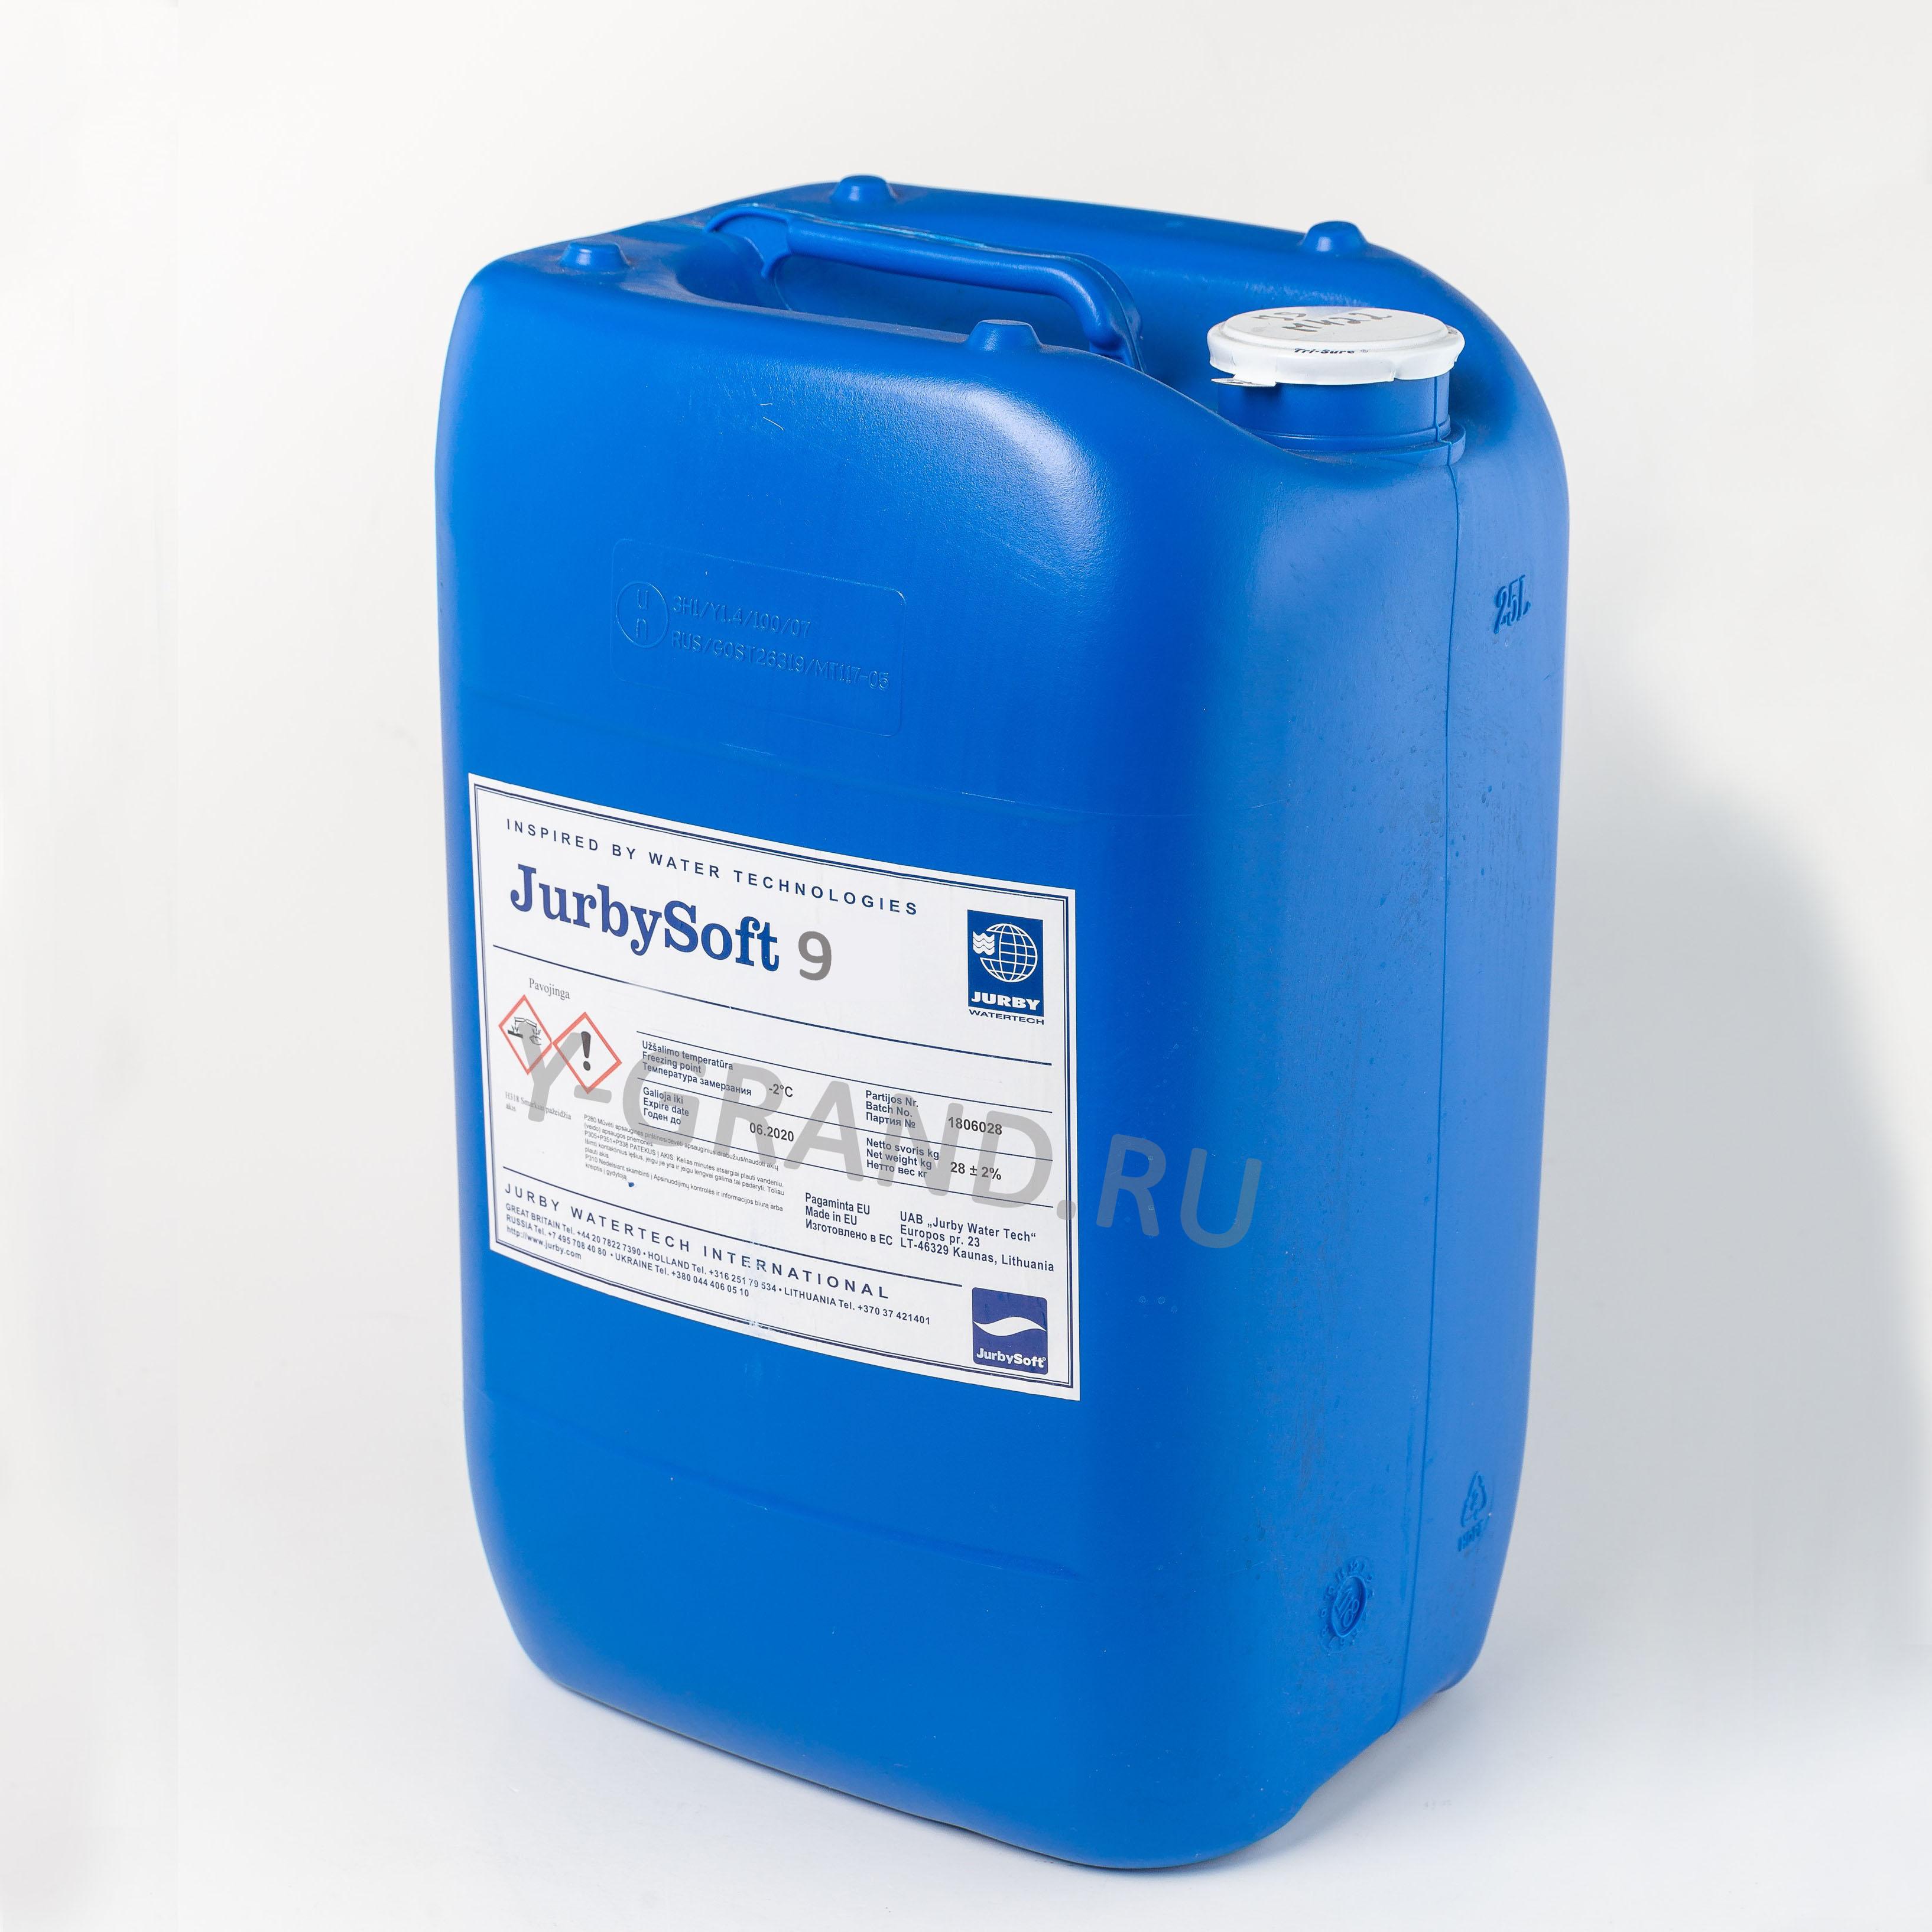 JurbySoft 9